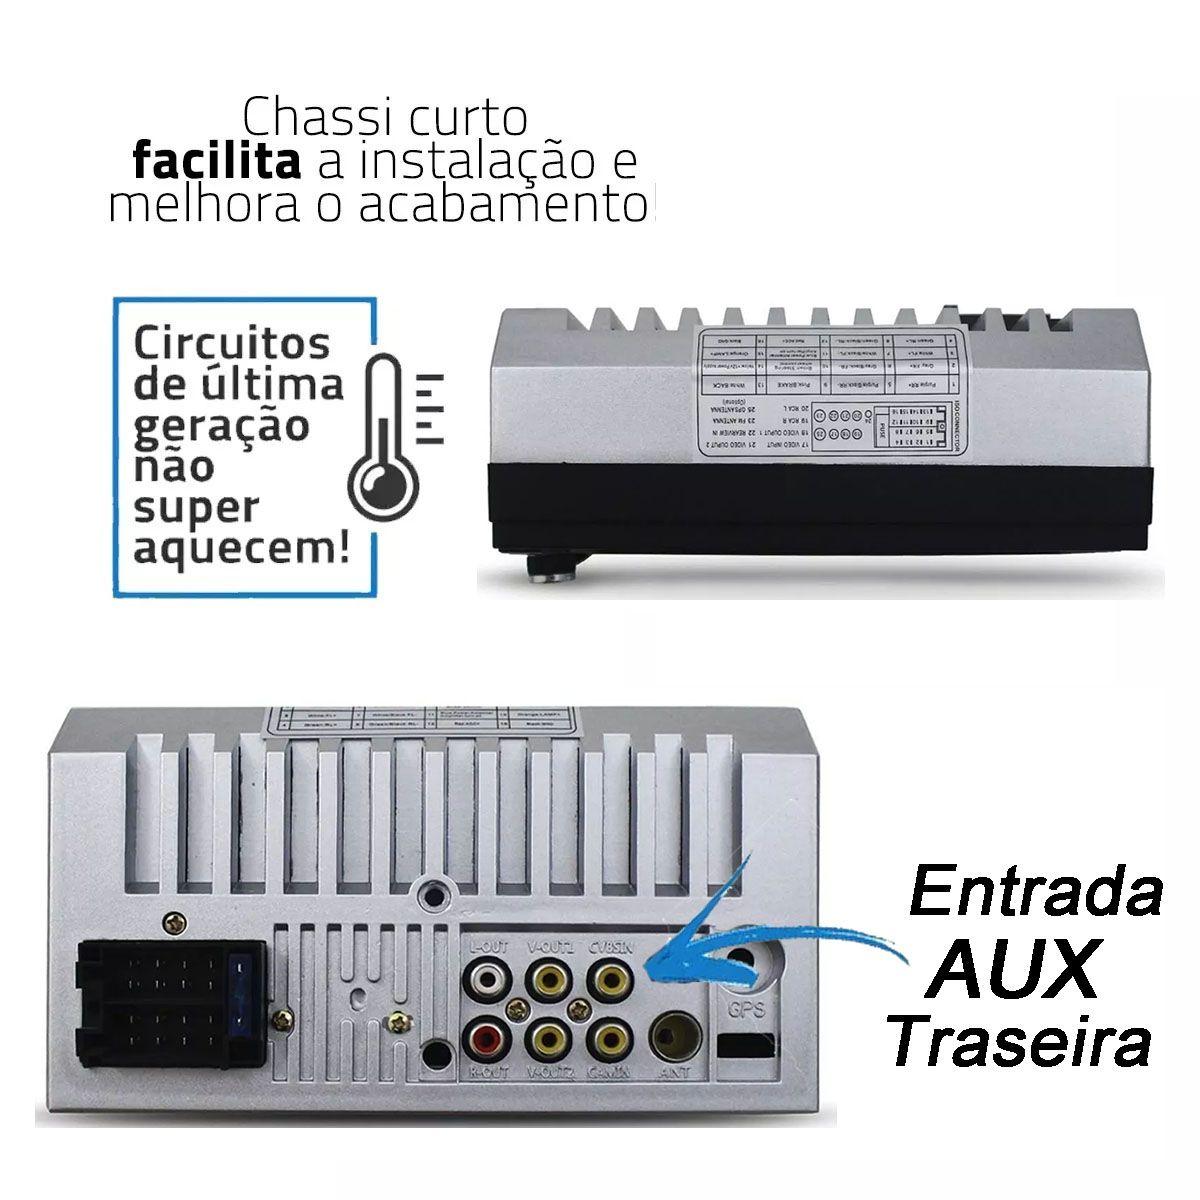 Central Multimídia Hyundai First Option 7 Polegadas + Moldura Creta Preto 2 Din Atacado